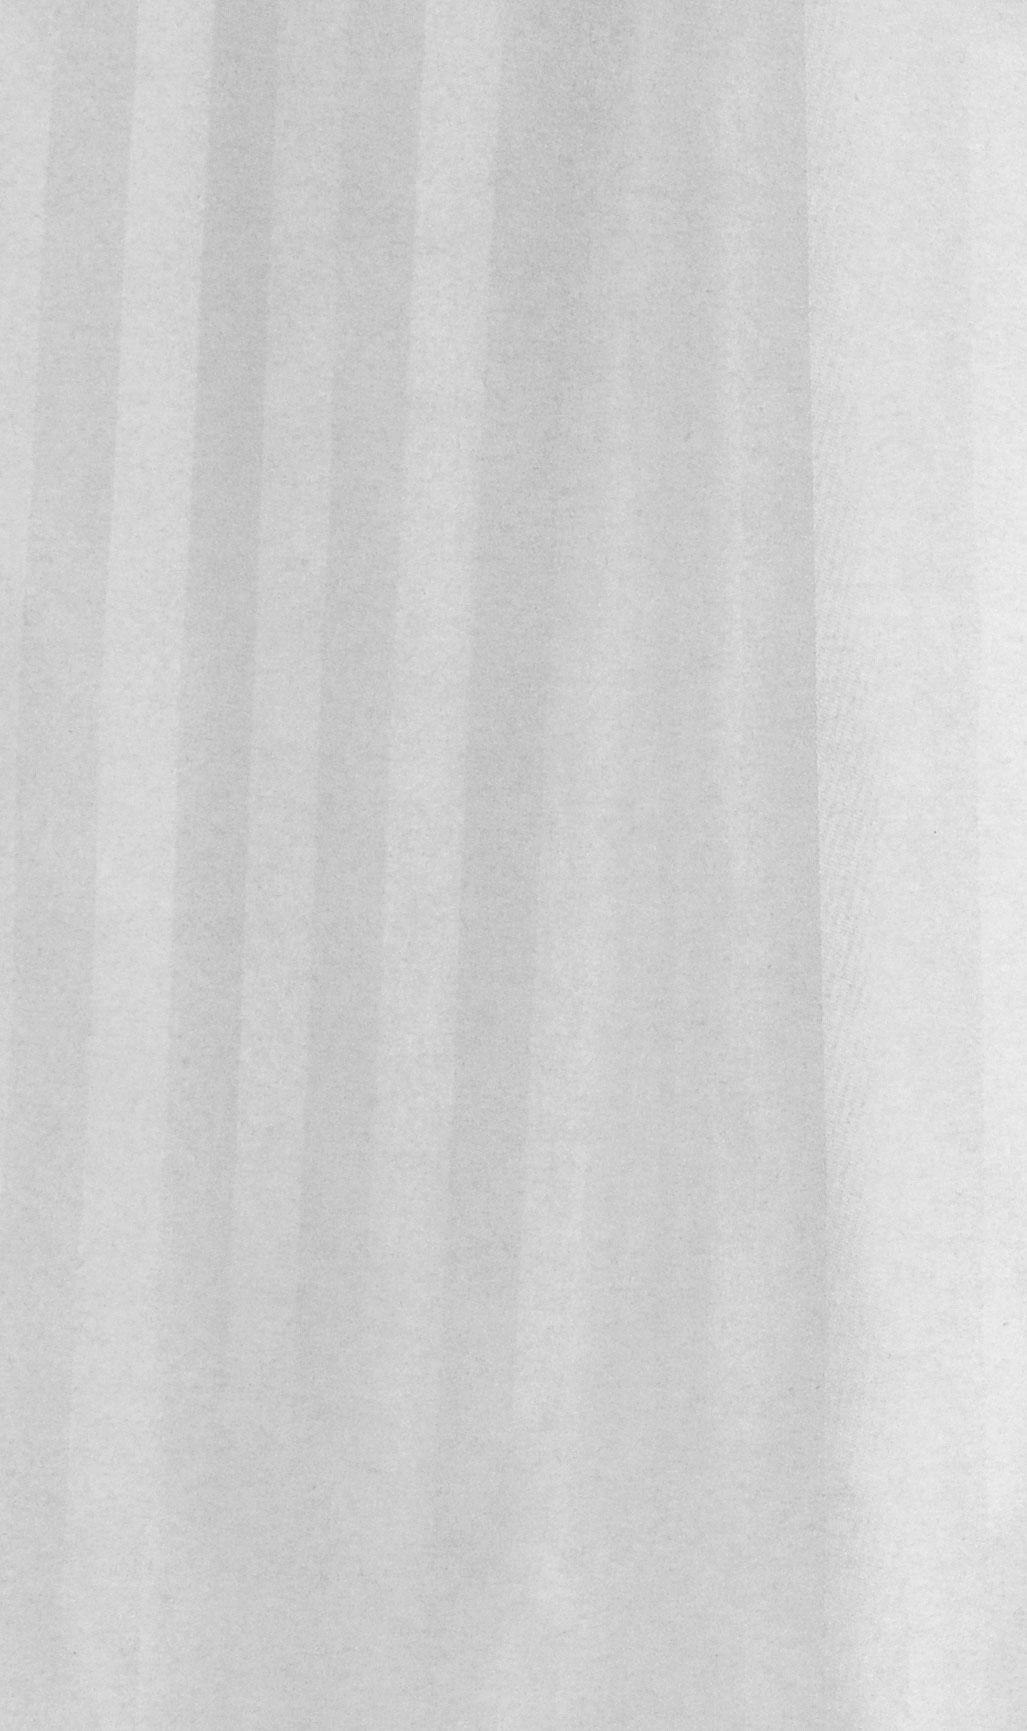 Штора для ванной комнаты White Fox Полоска, цвет: белый, 180 см х 200 см68/5/3Штора для ванной комнаты White Fox Полоска выполнена из полиэстера с водоотталкивающей и антибактериальной пропиткой. В нижний край вшит утяжелитель змейка, который обладает большой гибкостью и не теряет своих свойств после стирки. Штора оформлена узором в полоску. В комплекте прилагаются 12 фигурных пластиковых колец в форме С.Штора для ванной комнаты White Fox Полоска удобна и проста в уходе. Можно стирать при температуре не выше +30°C и гладить при температуре до +110°C.Штора для ванной комнаты является прекрасным украшением для ванной комнаты и надежной защитой от разбрызгивания воды.